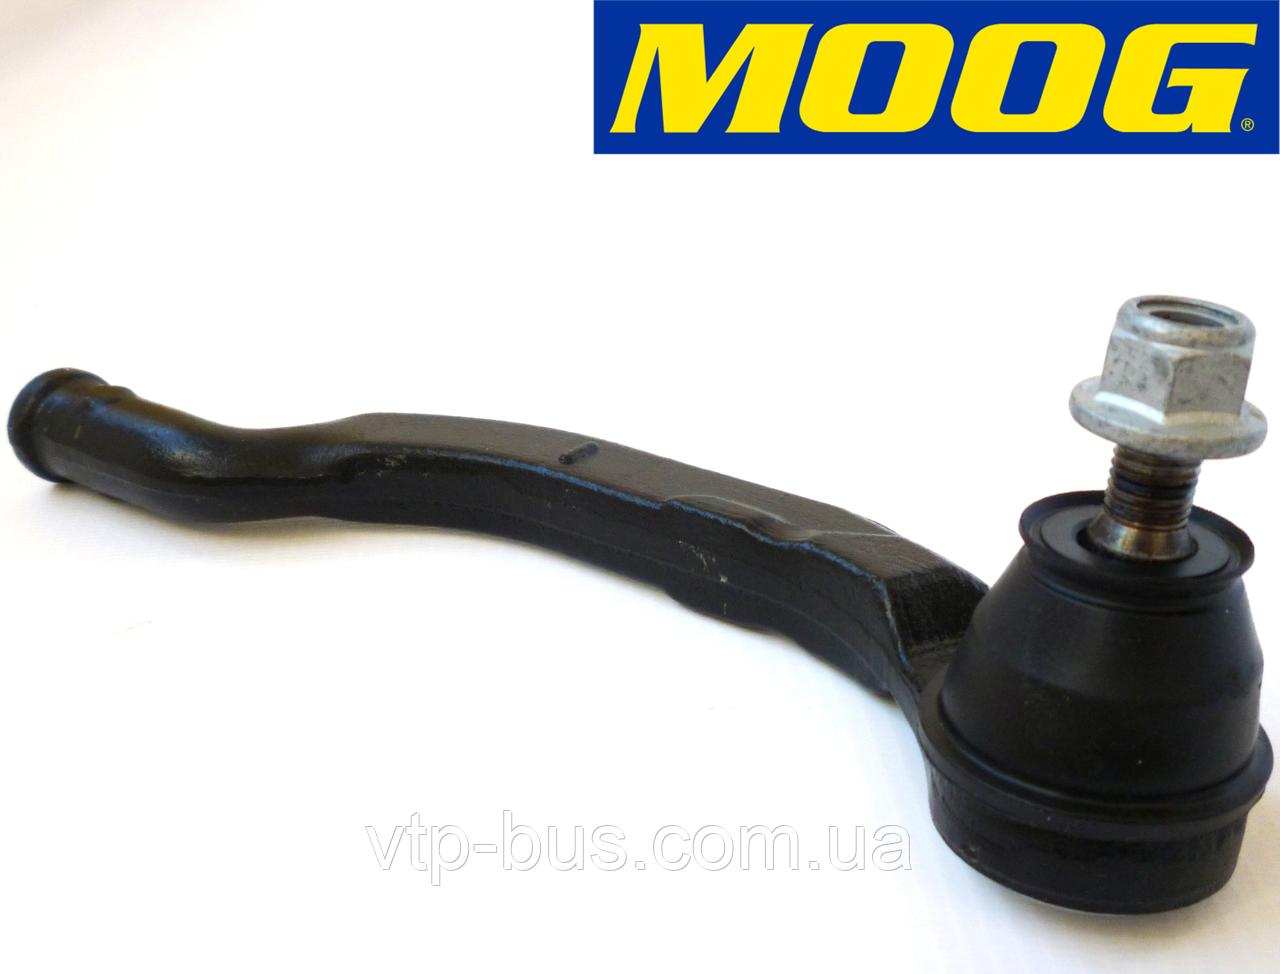 Наконечник рулевой тяги, правый на Renault Trafic / Opel Vivaro (2001-2014)  MOOG (Германия) RE-ES-0852